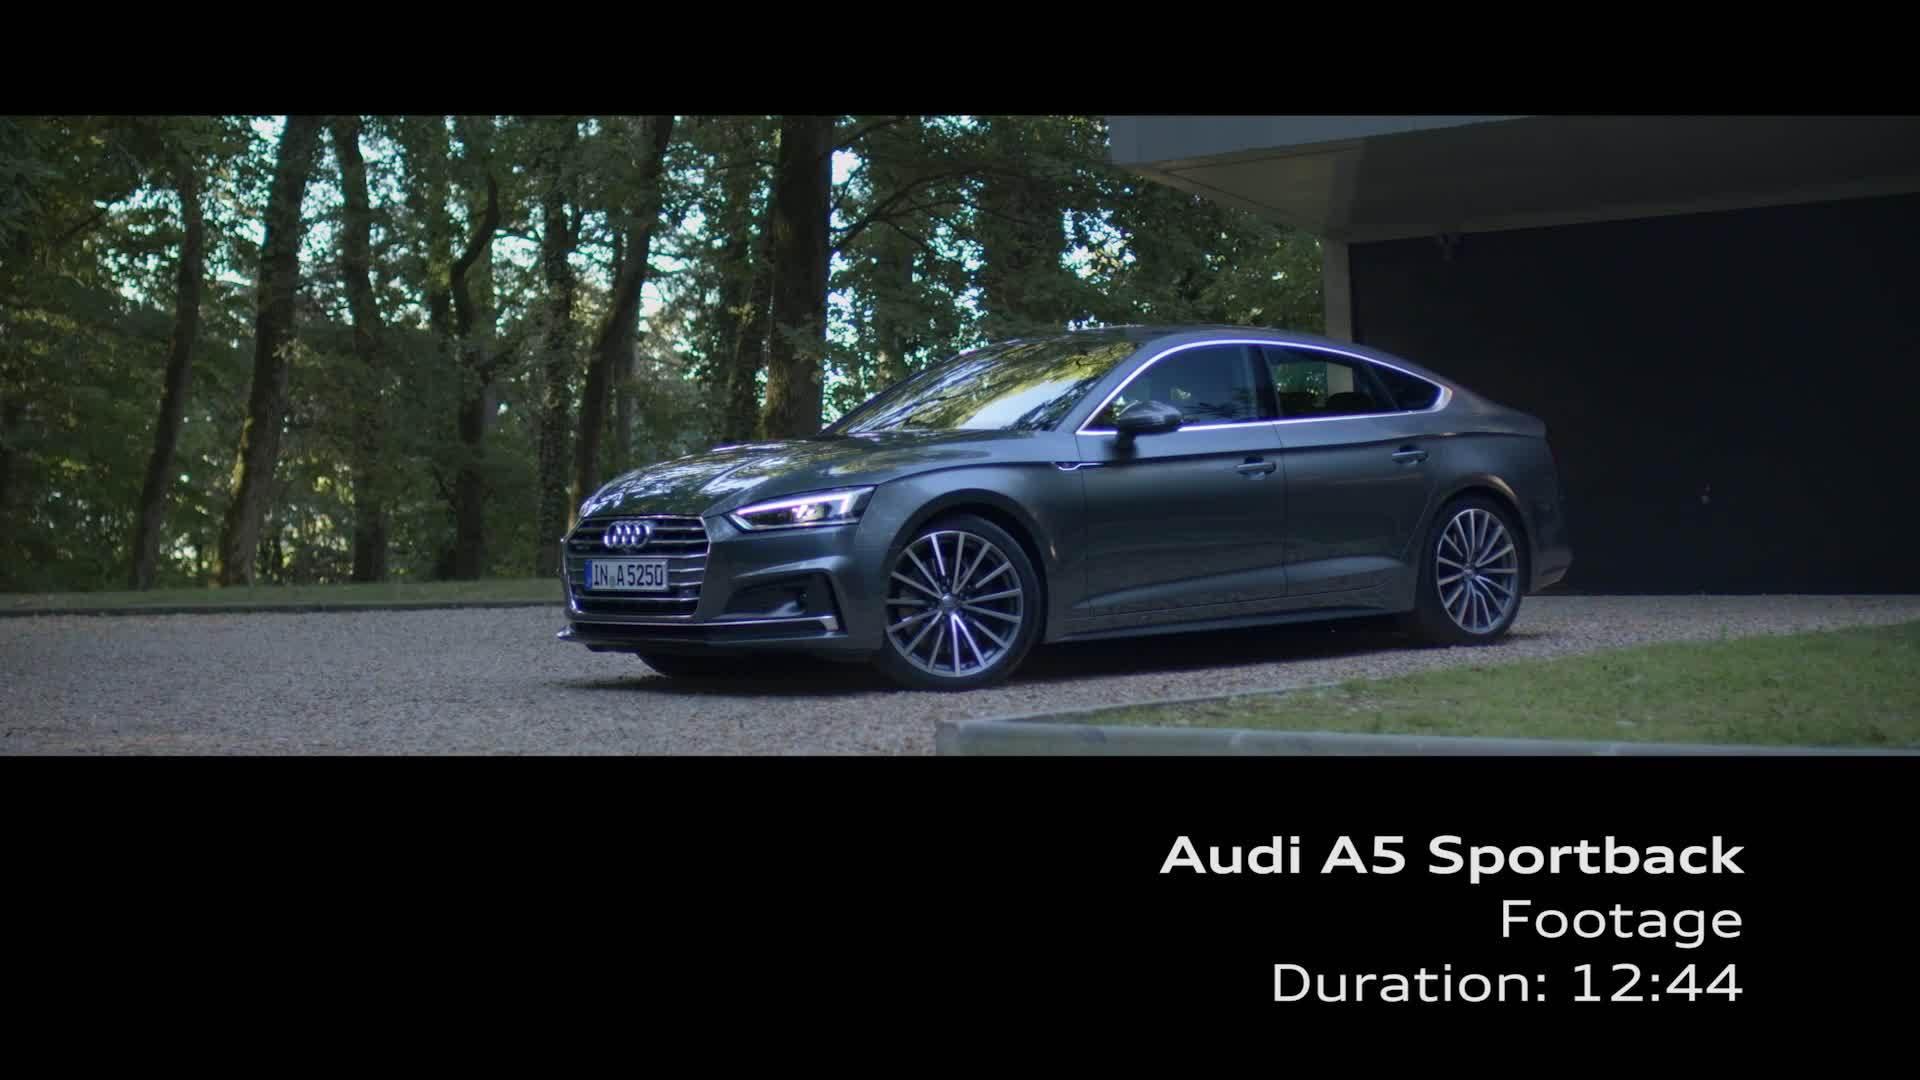 Audi A5 Sportback Footage